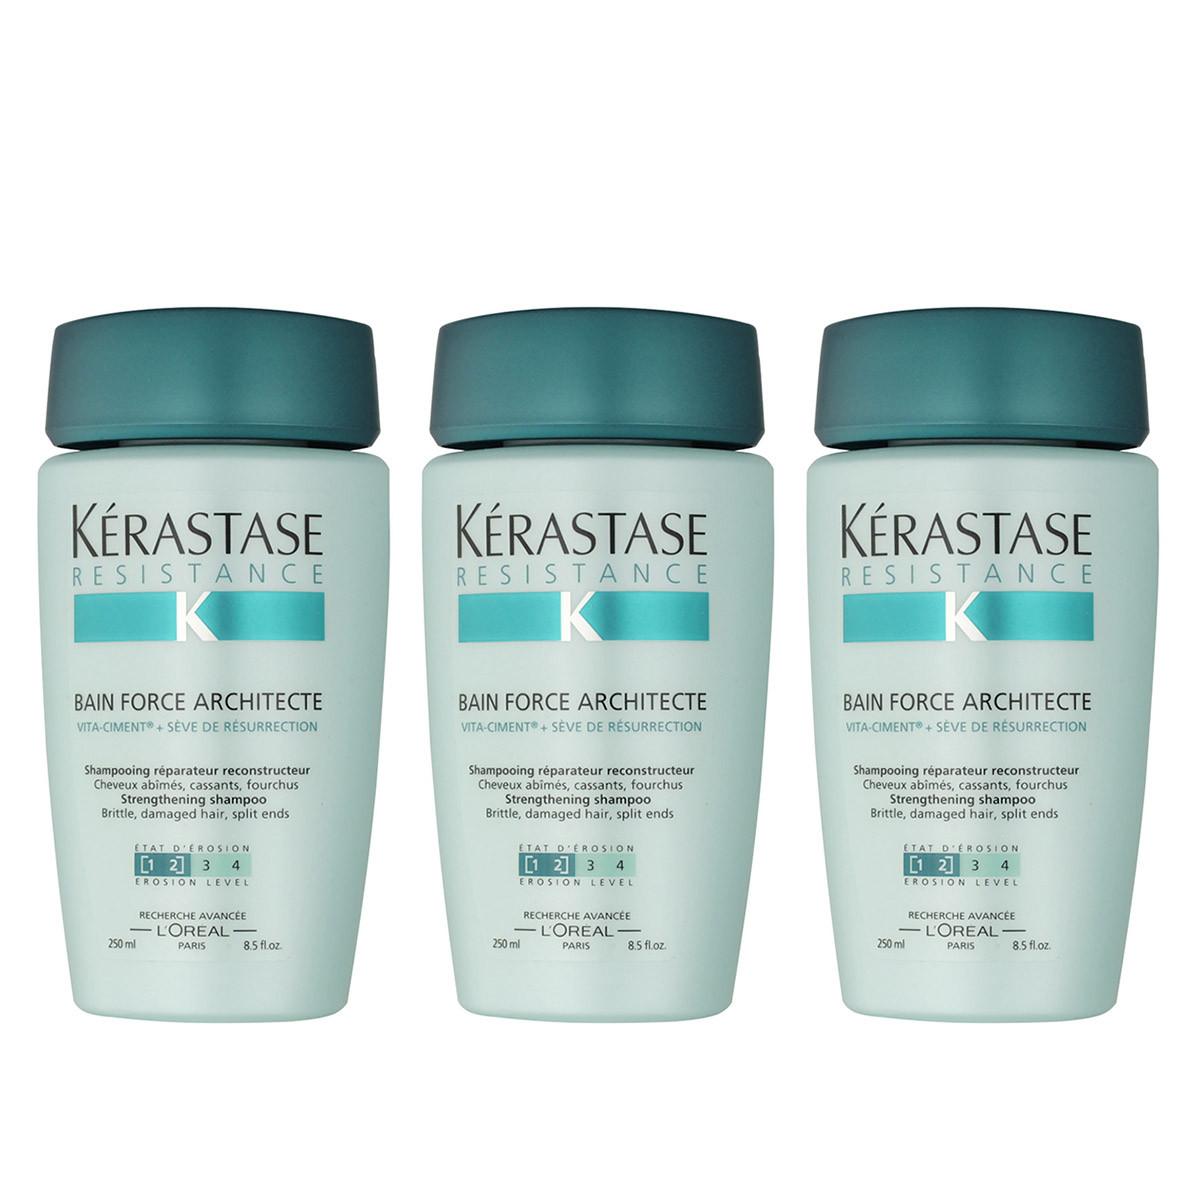 K rastase r sistance bain force architecte 1 2 250 ml for Kerastase bain miroir 1 vs 2